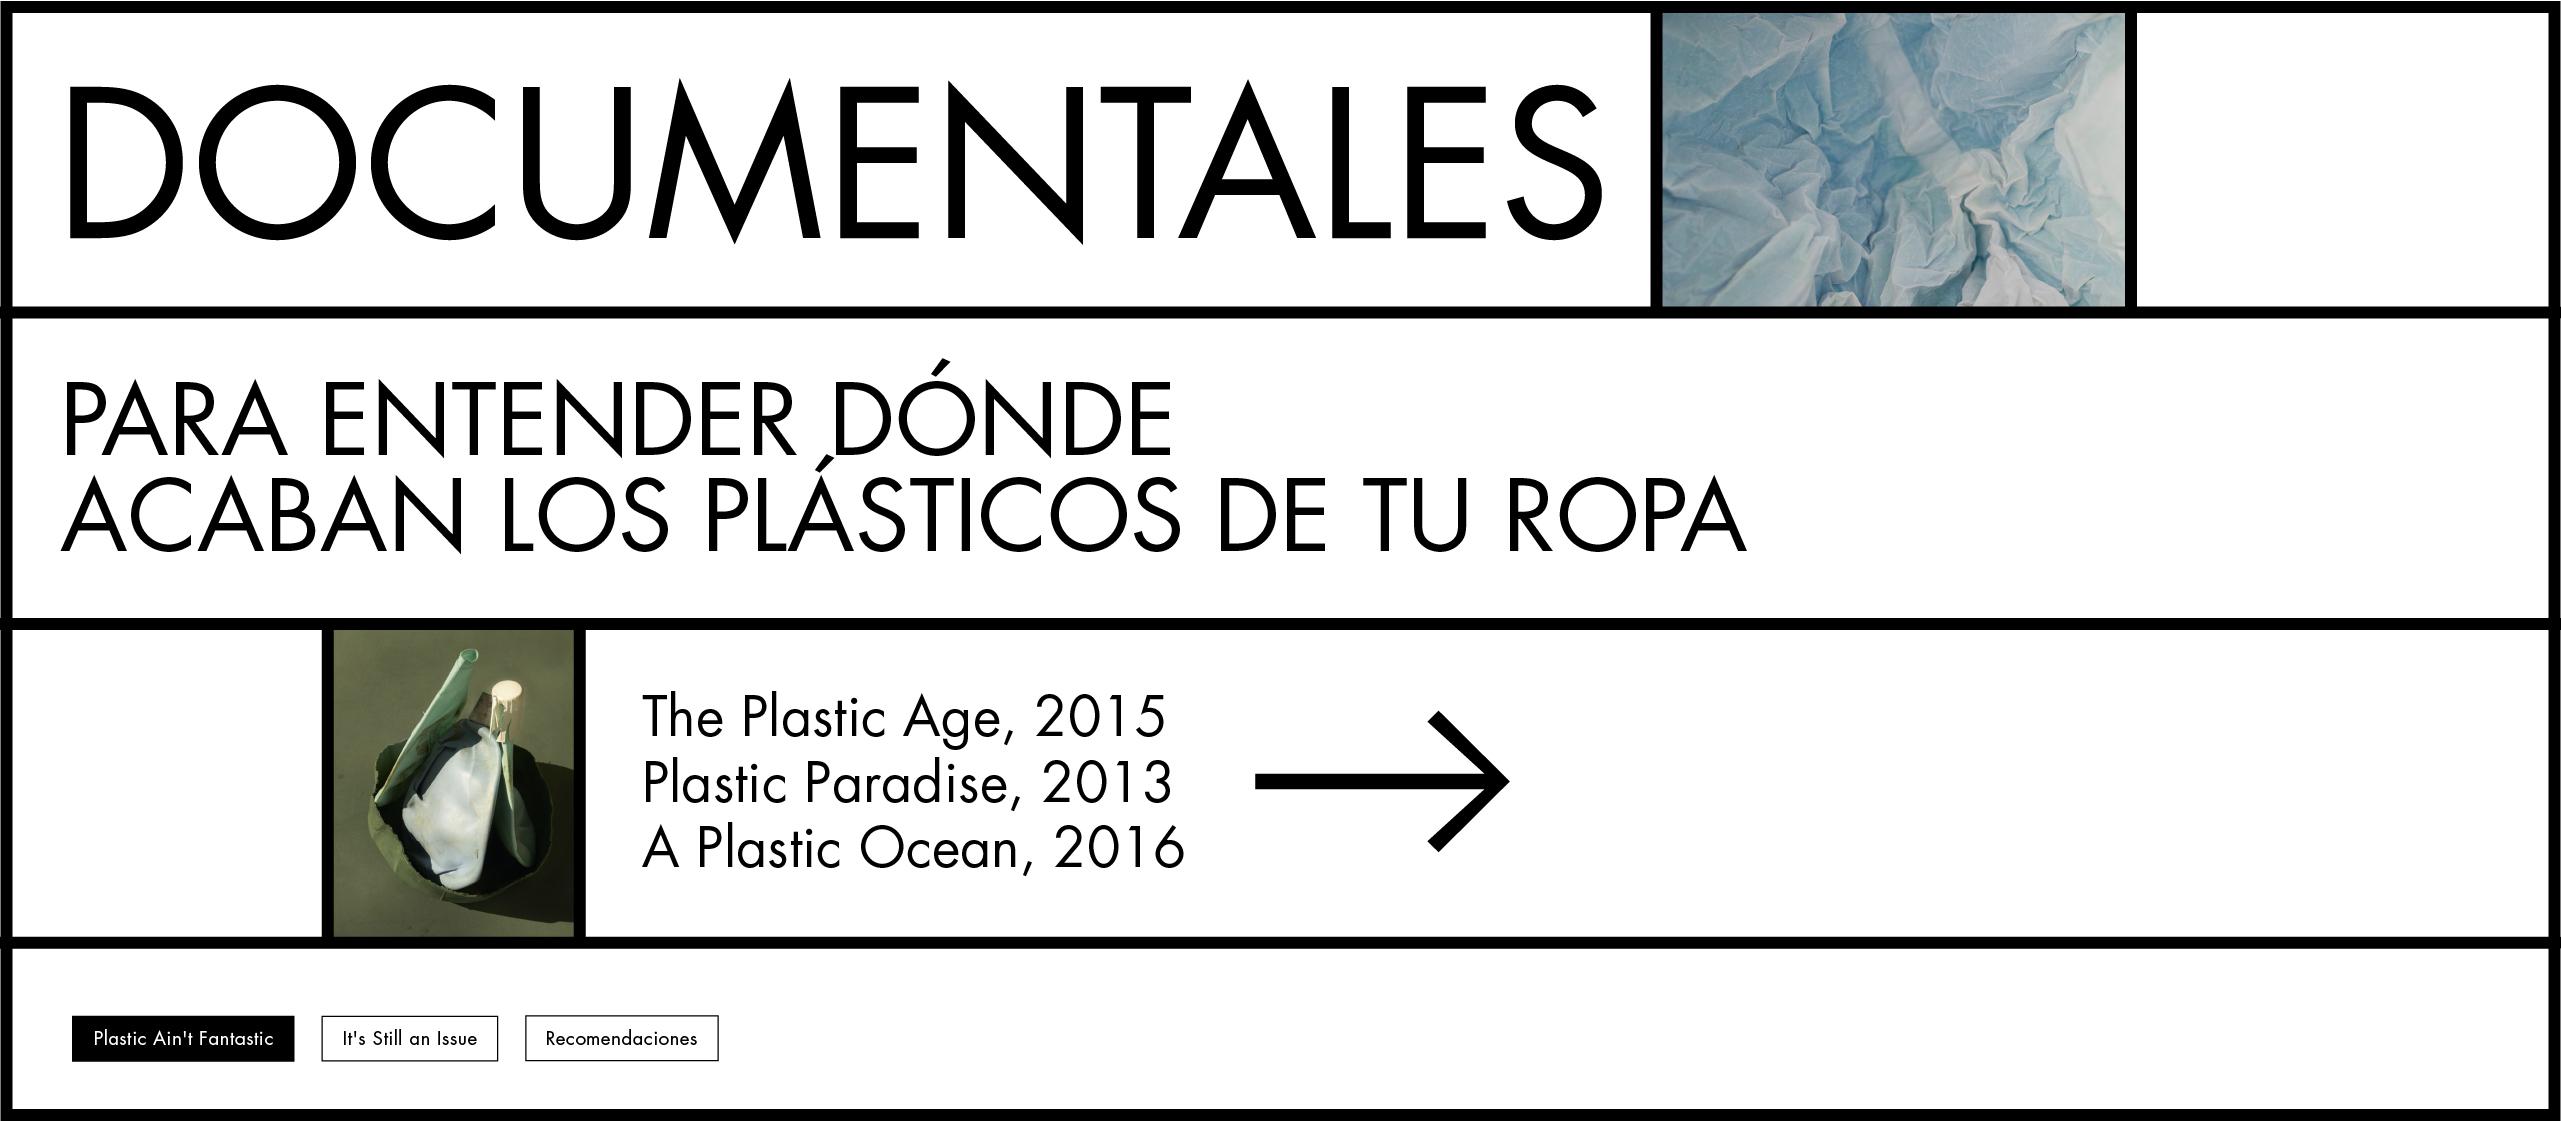 Documentales para entender dónde acaban los plásticos de tu ropa